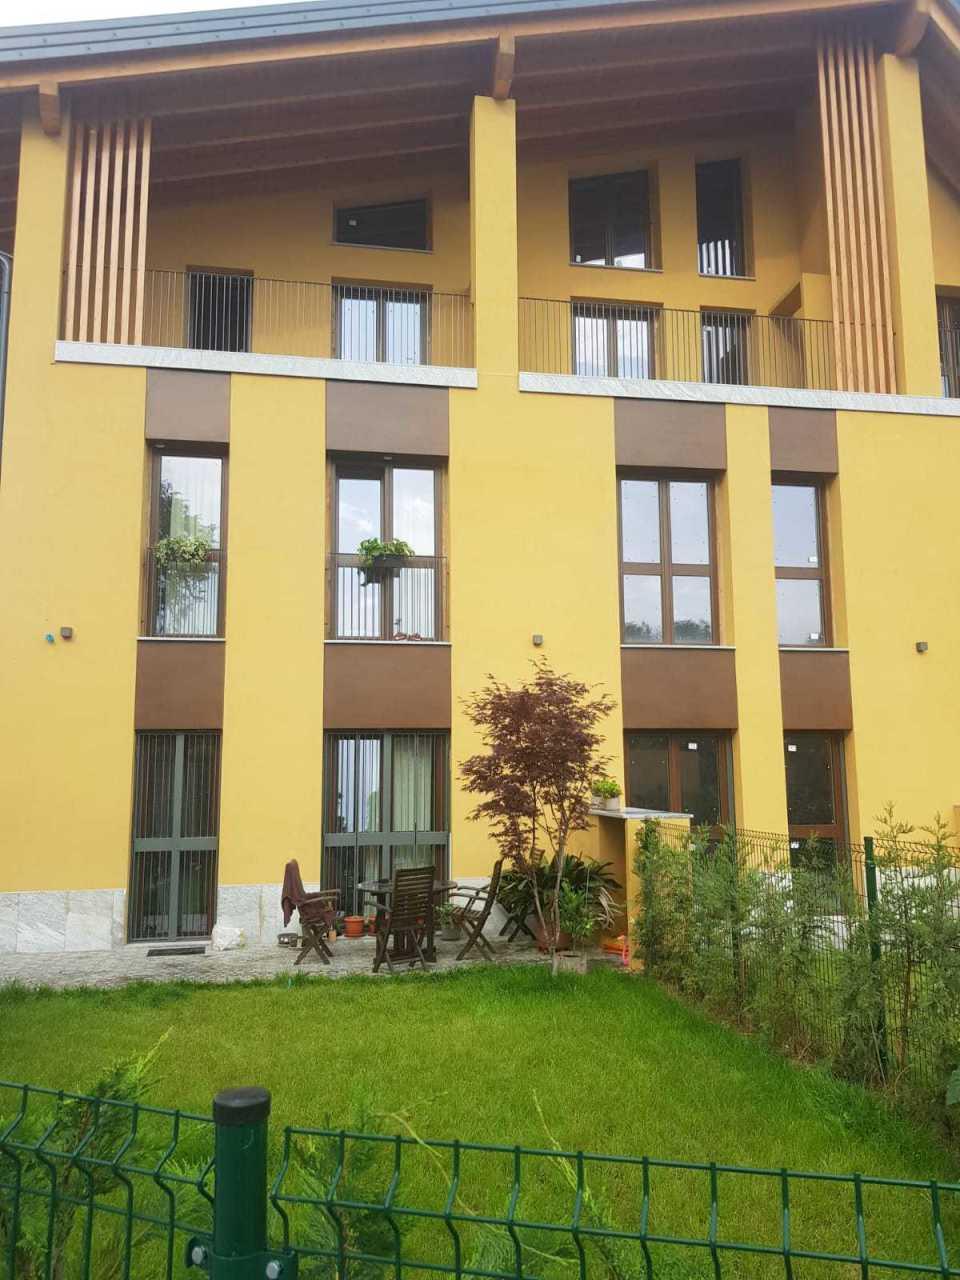 milano vendita quart: 033 ripamonti/toscana edil trade s.r.l. progetti immobiliari